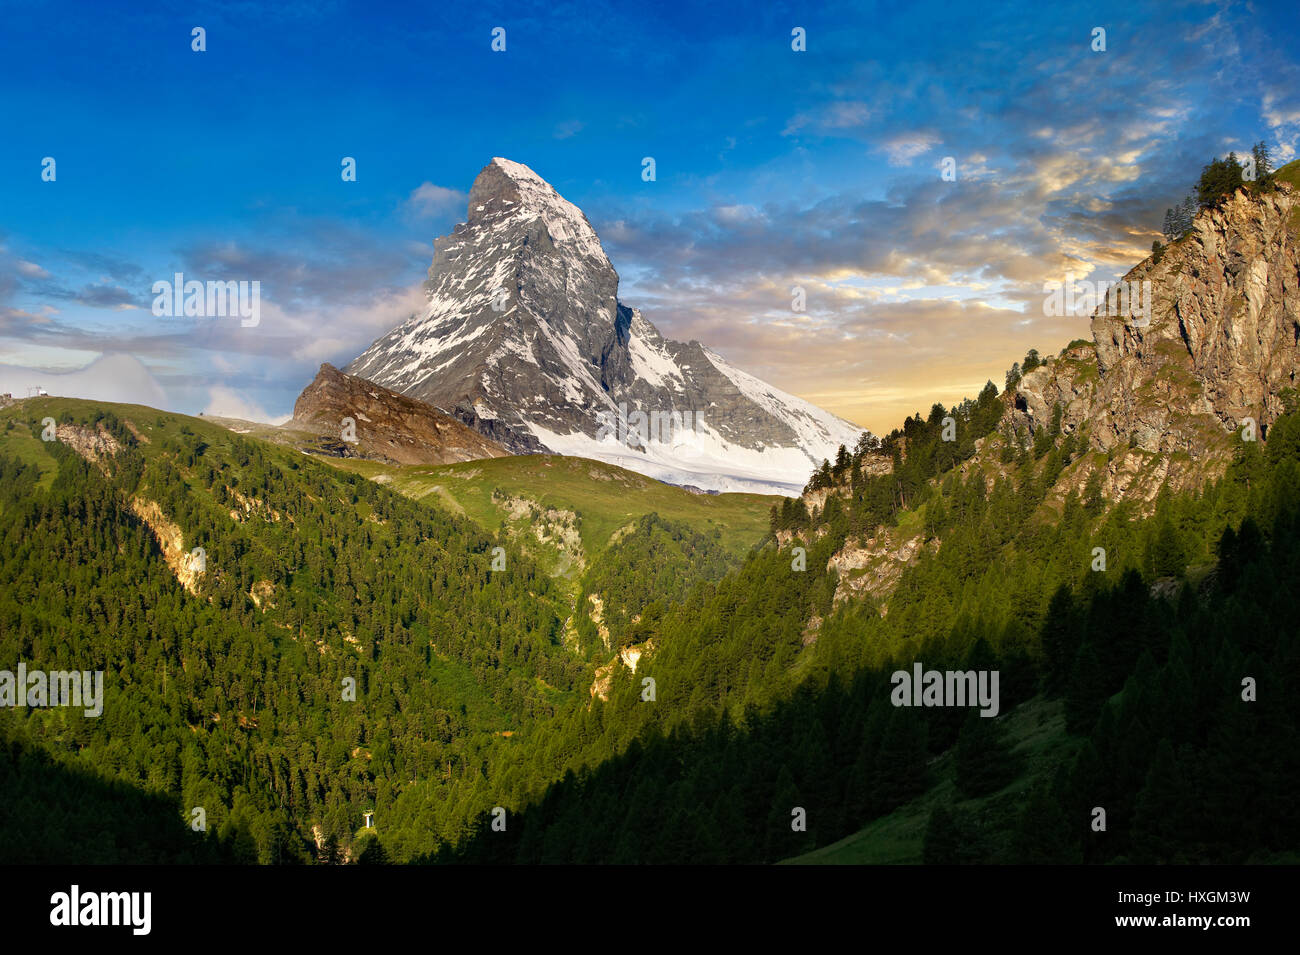 Le Mont Cervin ou Monte Cervino pic de montagne, Zermatt, Suisse Photo Stock